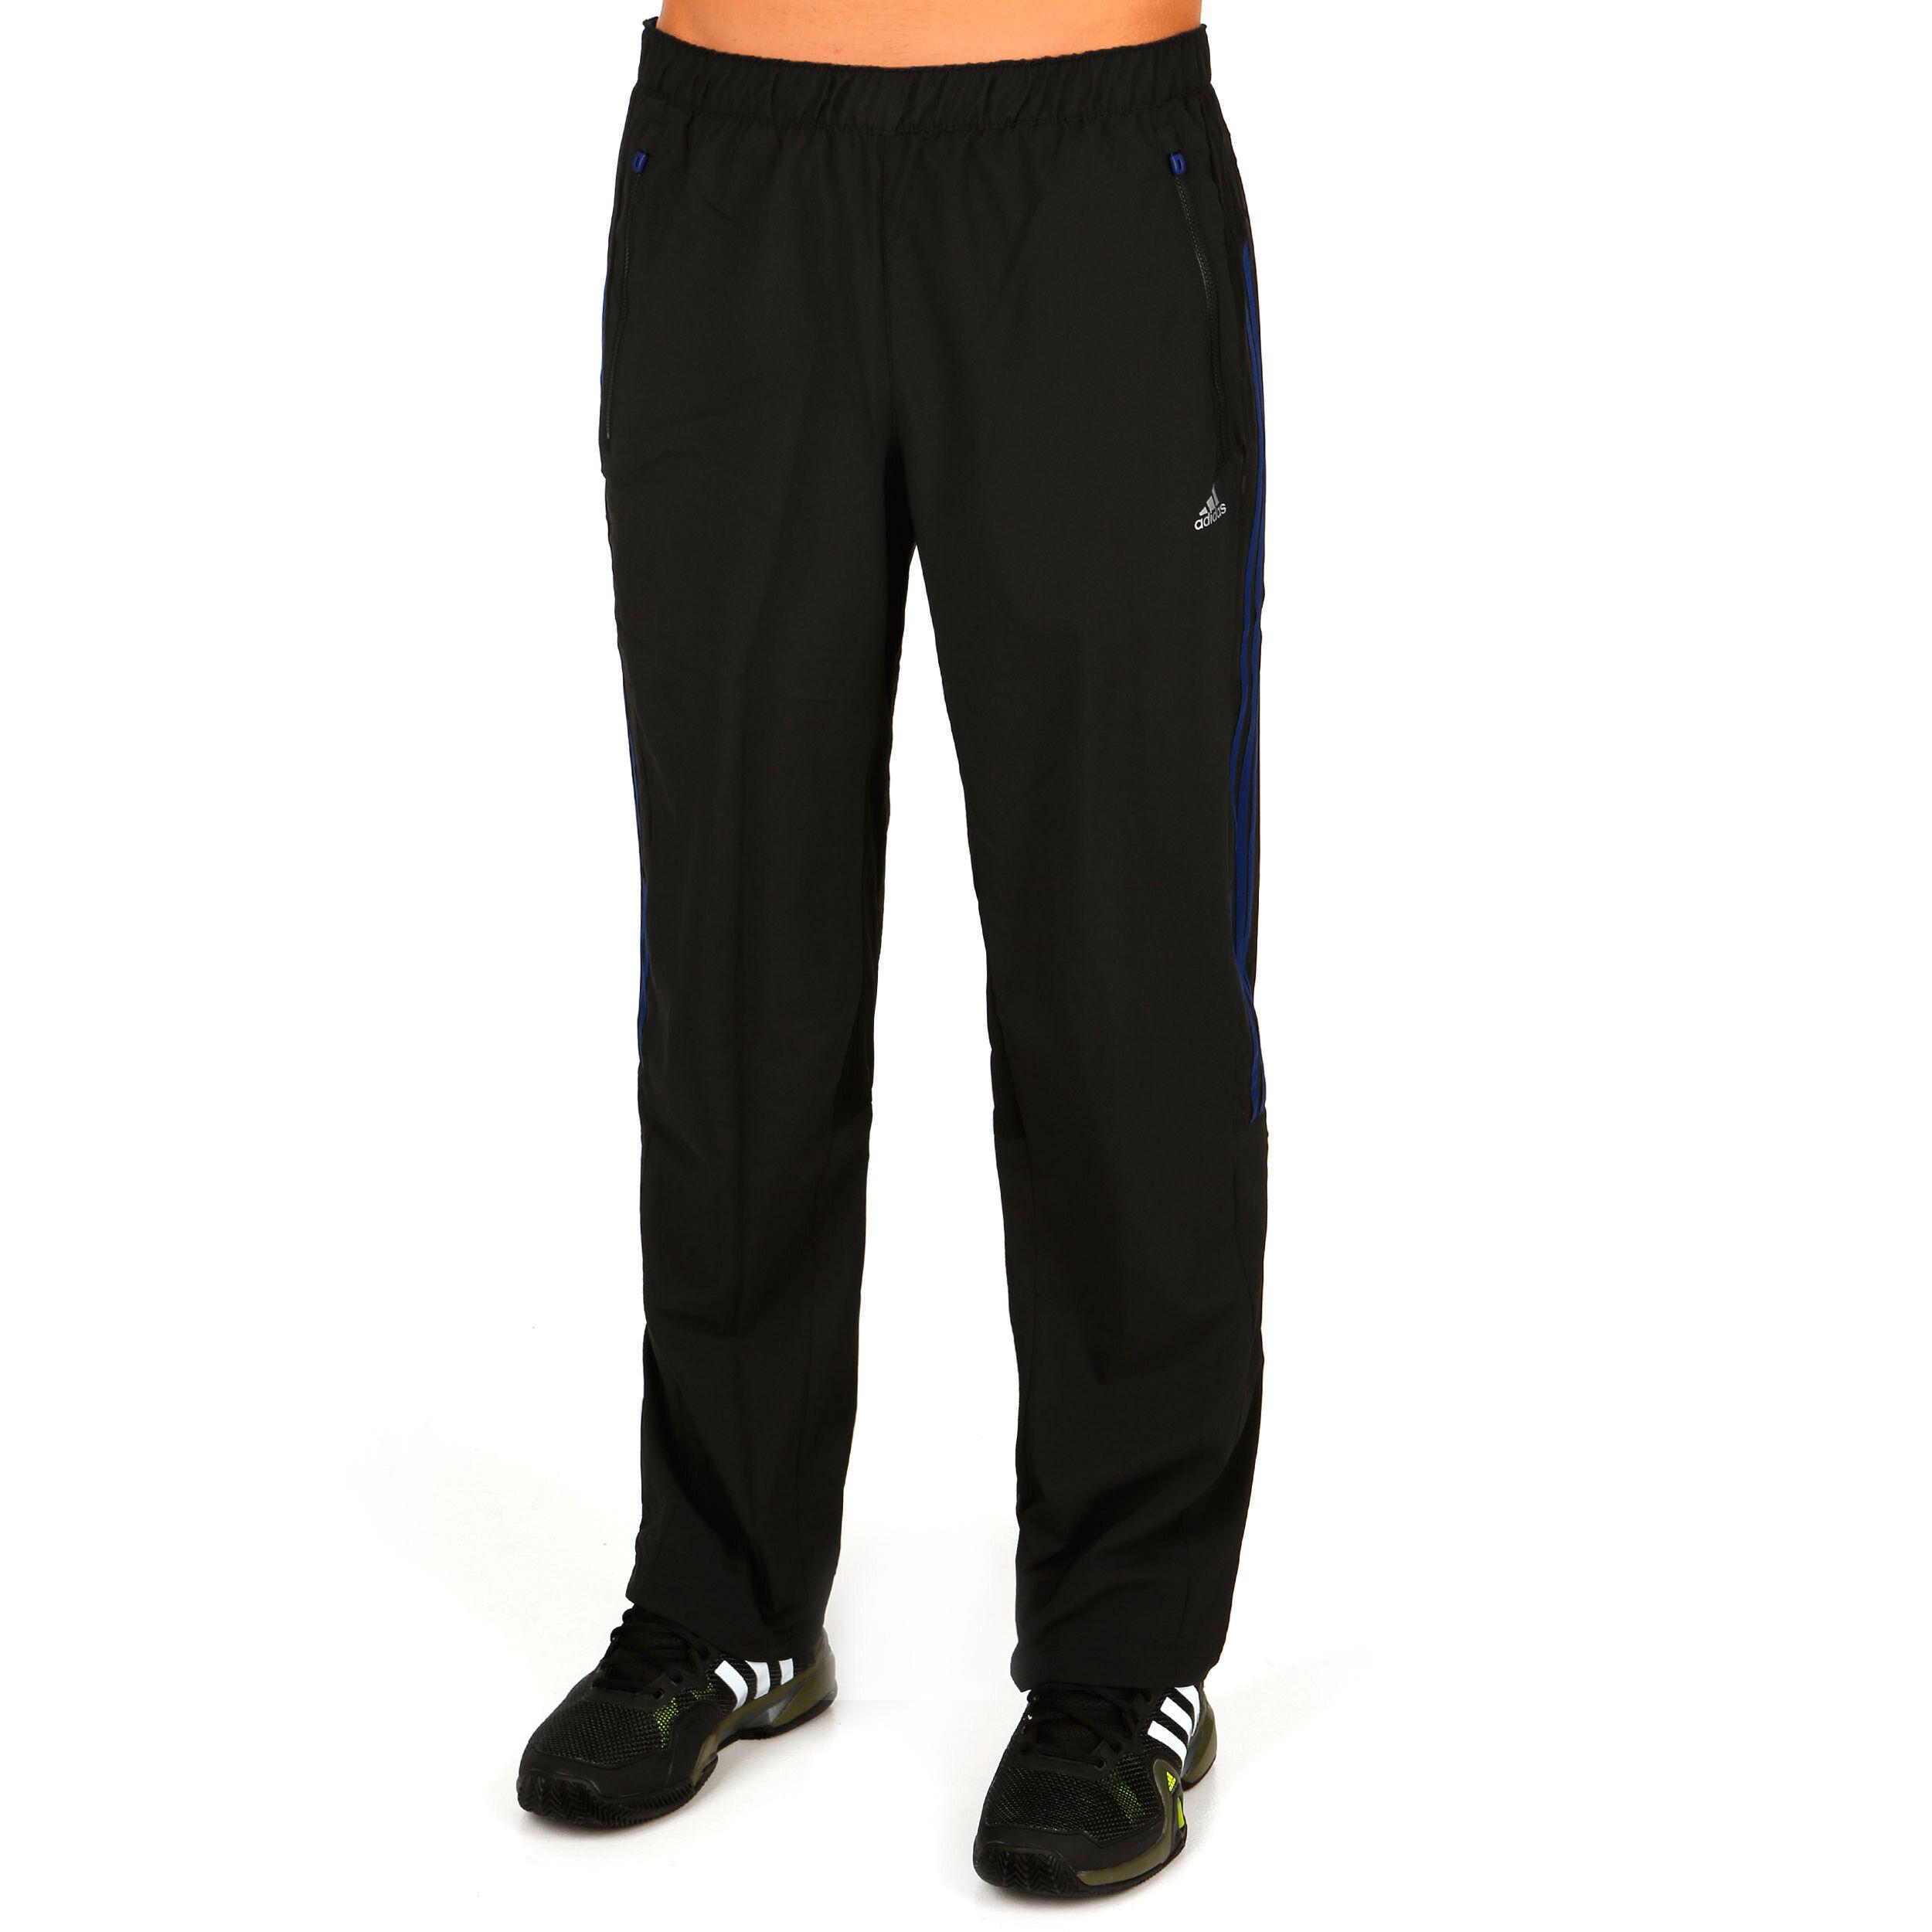 adidas Clima365 Pant Woven Trainingshose Herren black